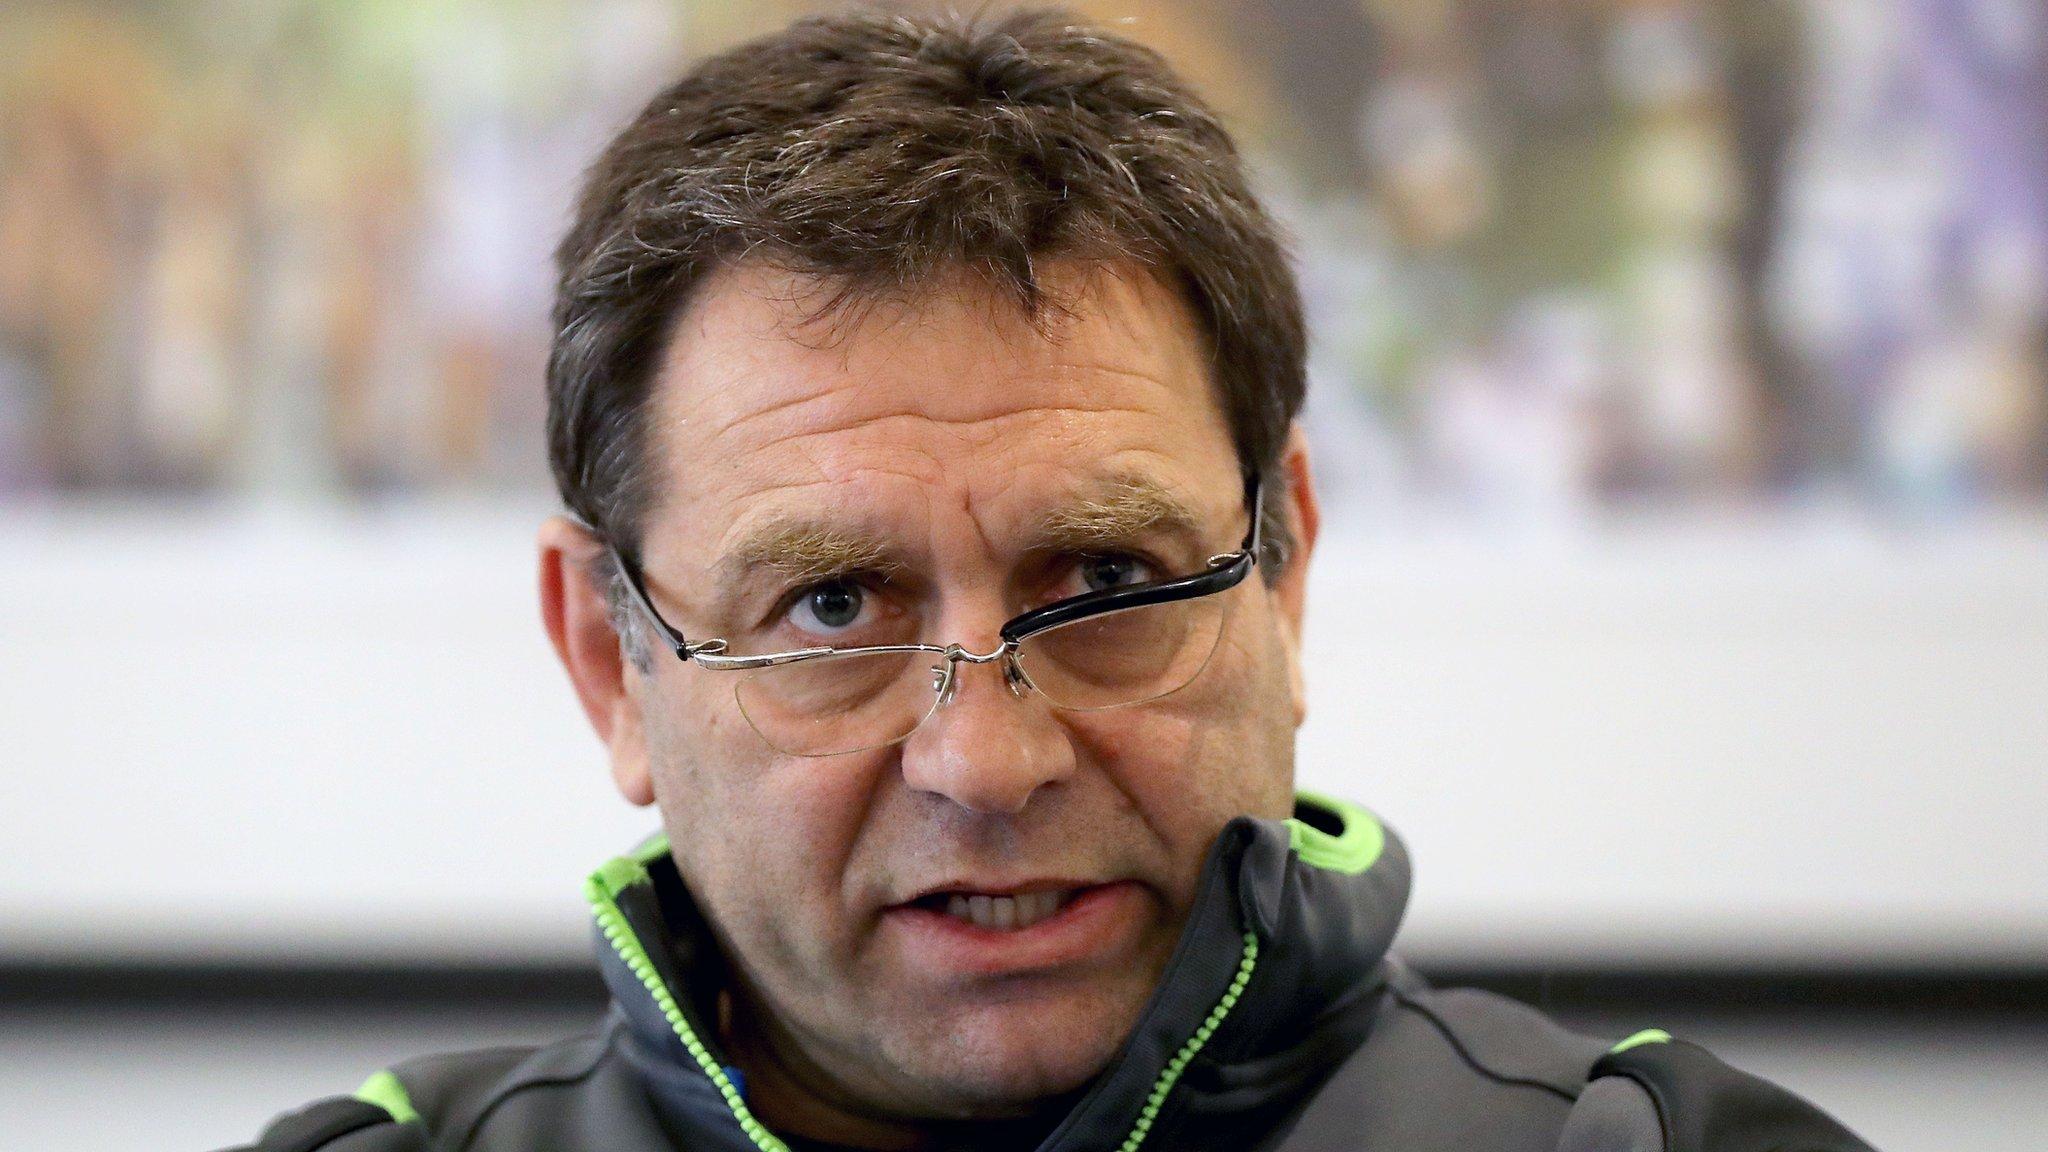 Paddy Jackson & Stuart Olding Ireland returns 'not ruled out'